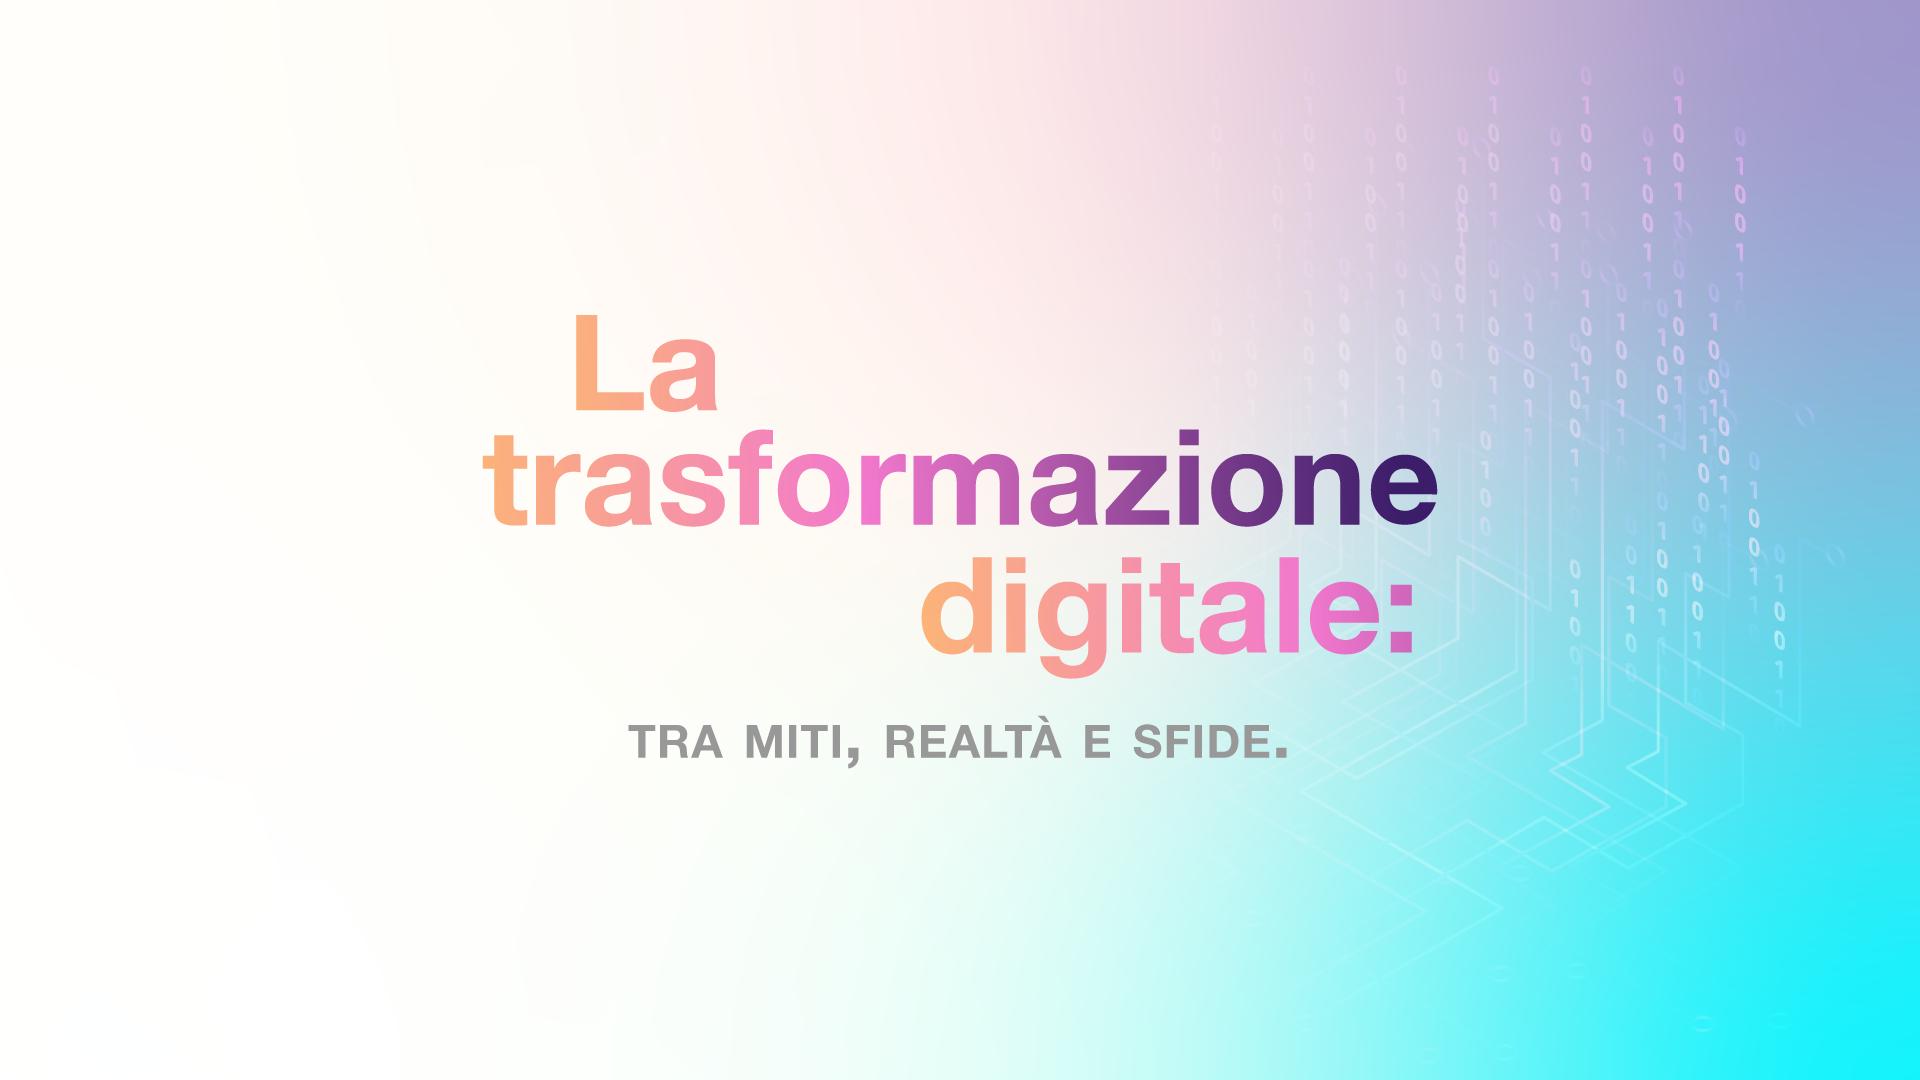 La Trasformazione digitale: tra miti, realtà e sfide